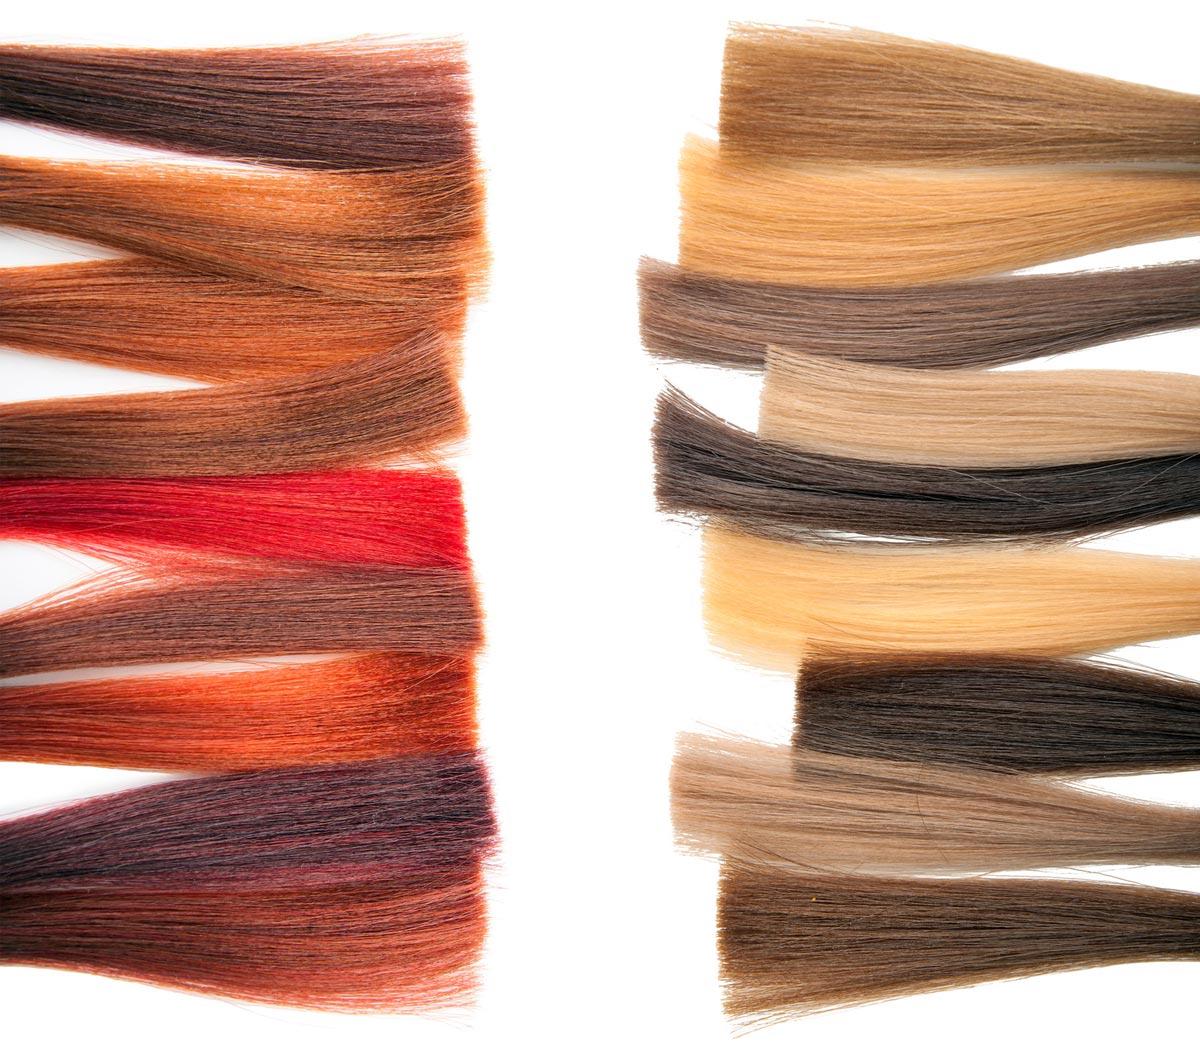 Barvy na vlasy pro domácí barvení vlasů mají nespočet barev a odstínů.